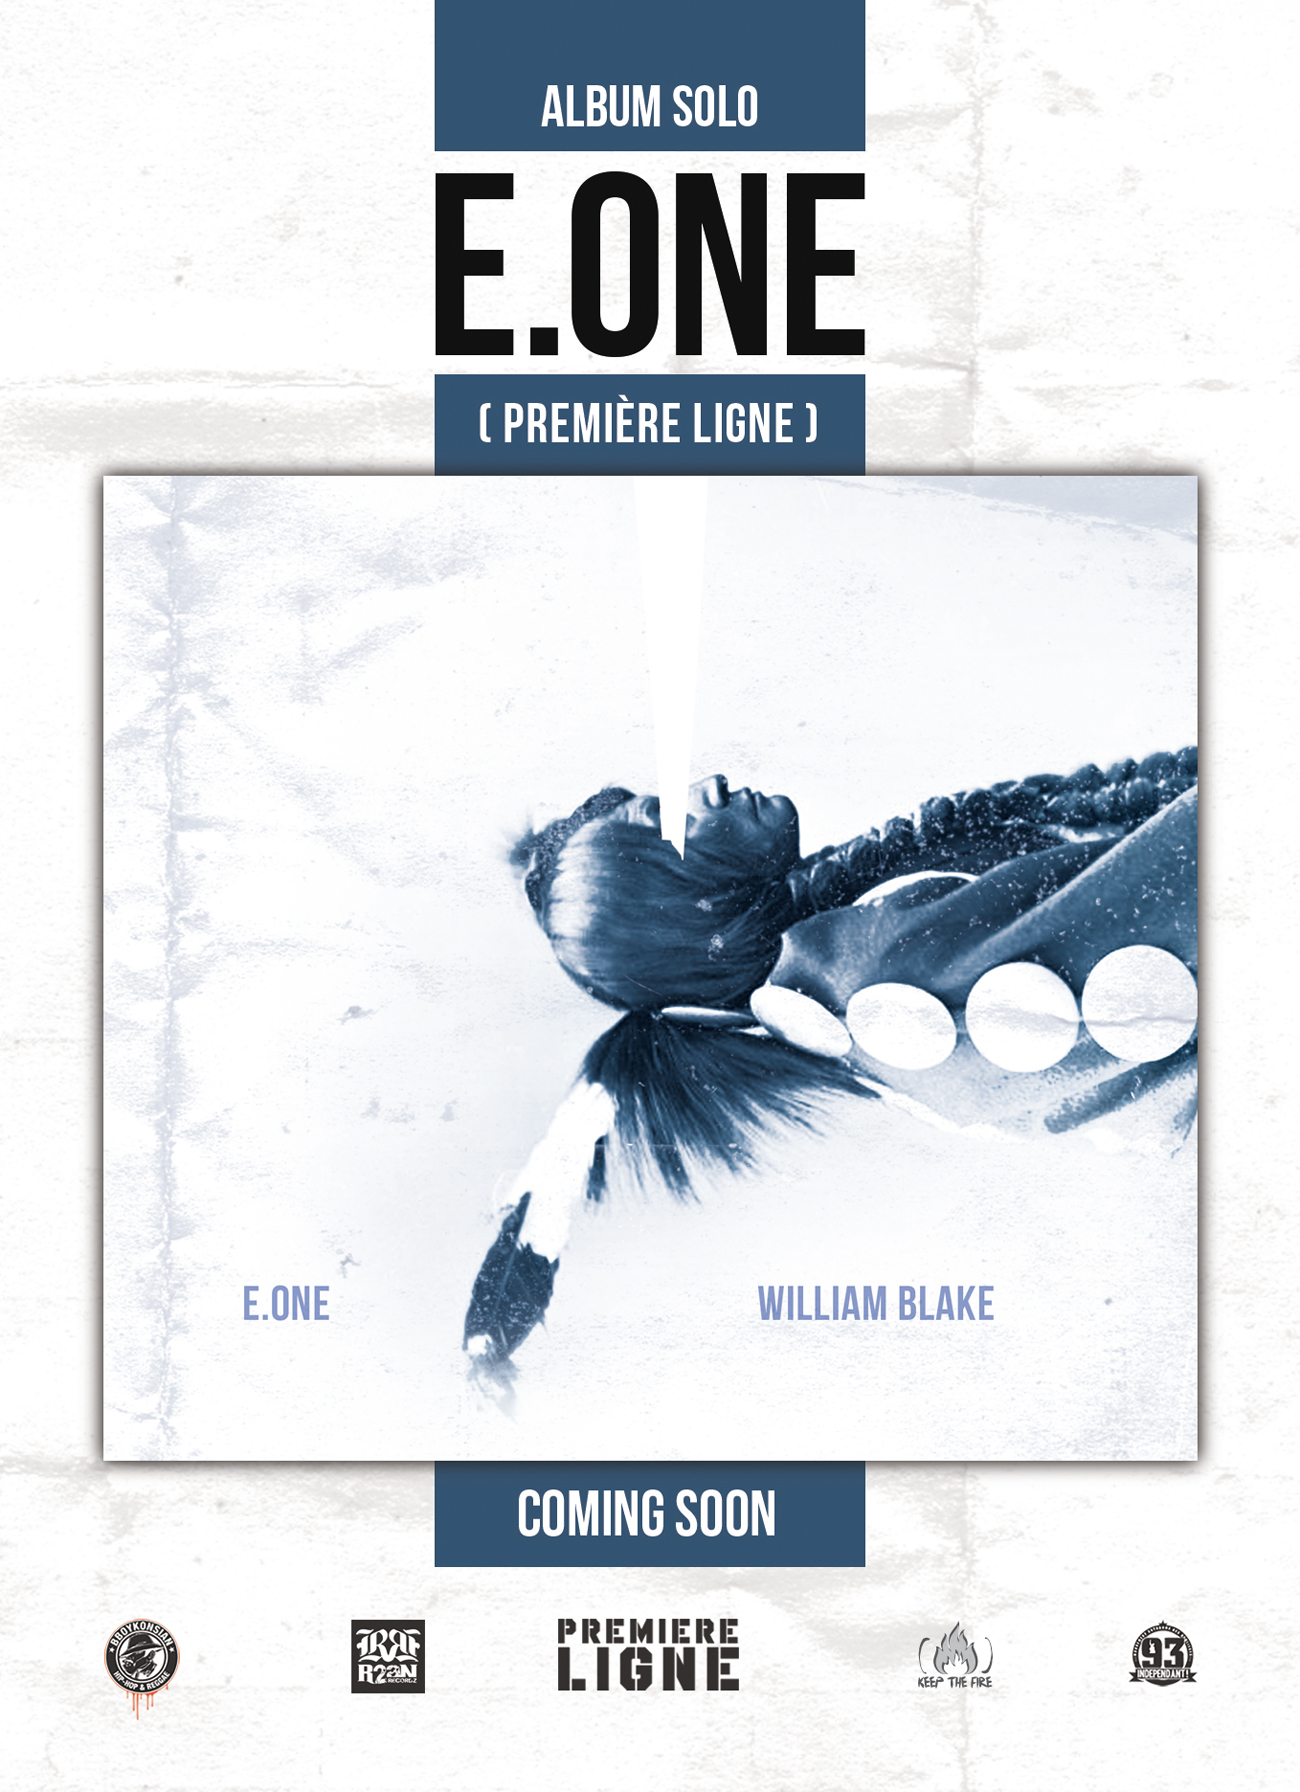 'La vérité' : 1er extrait de l'album 'William Blake' de E.One (Première Ligne)